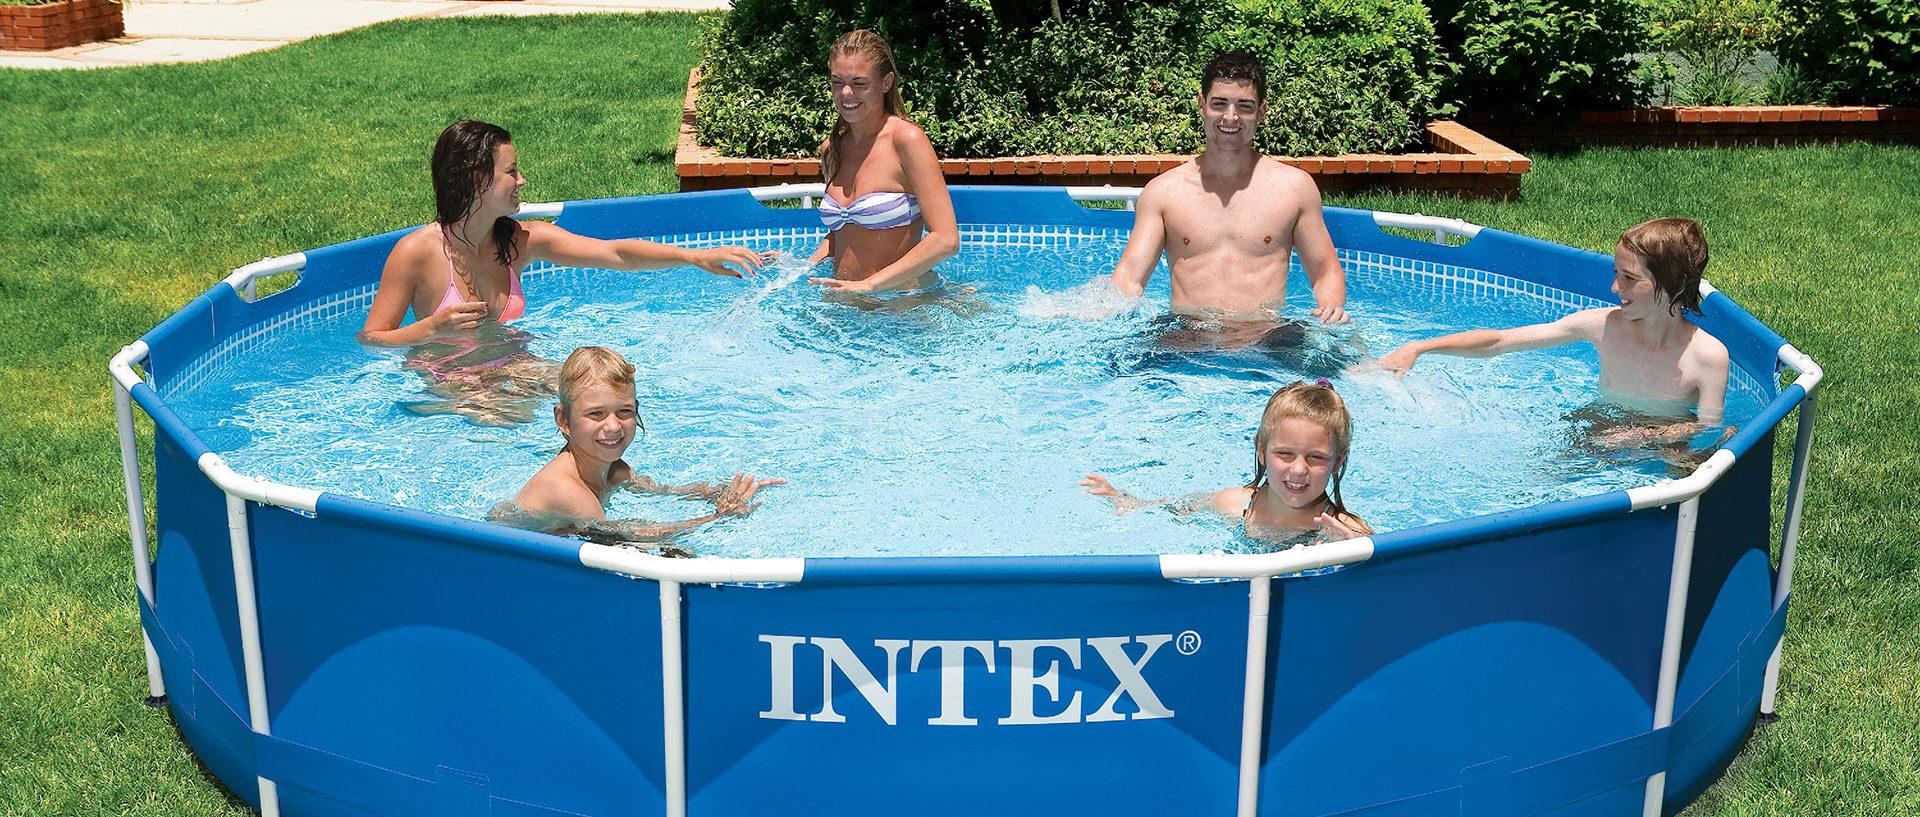 Správne umiestnený a kvalitne vyhotovený bazén je najkrajšou perlou záhrady